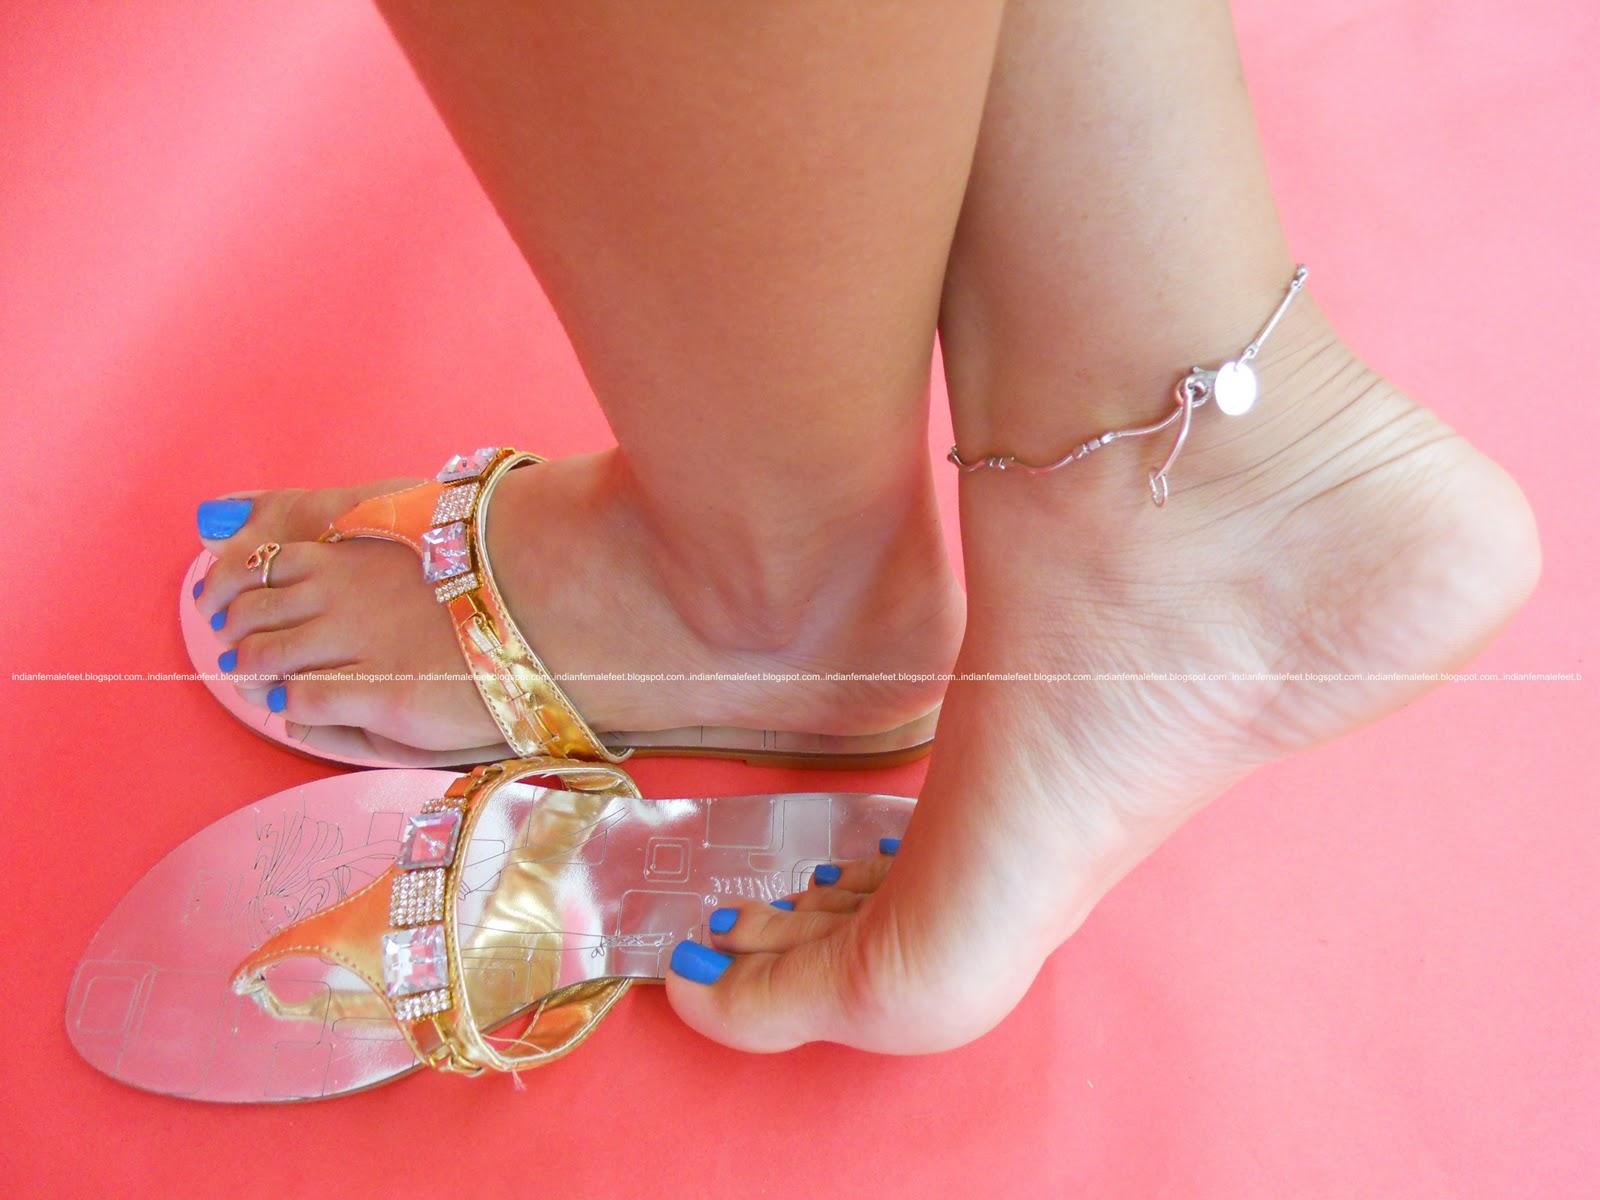 Heels toes female feet